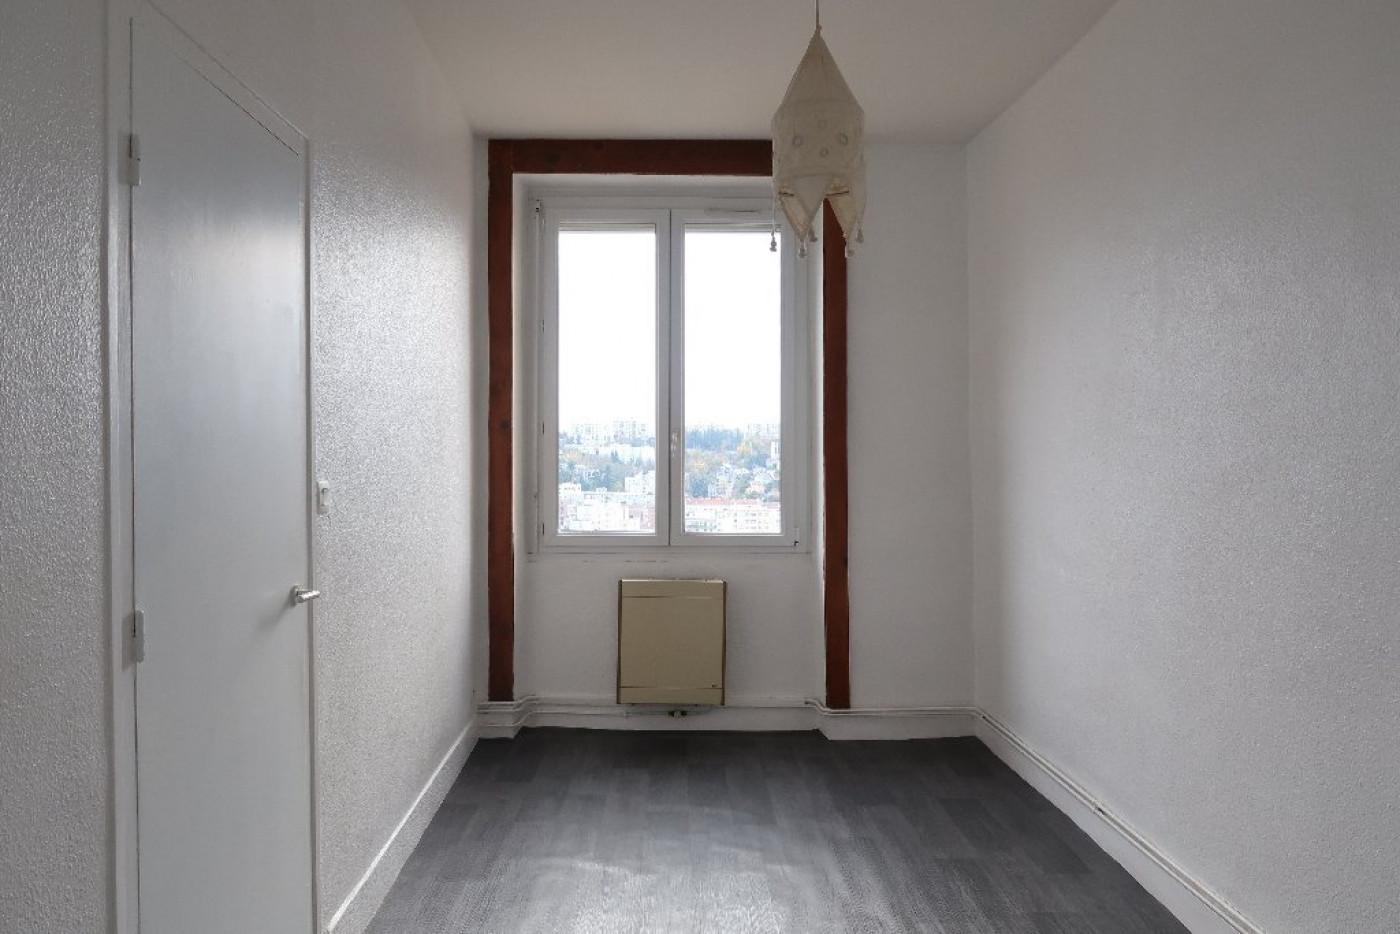 Appartement en location saint etienne r f 420013101 for Location appartement atypique saint etienne